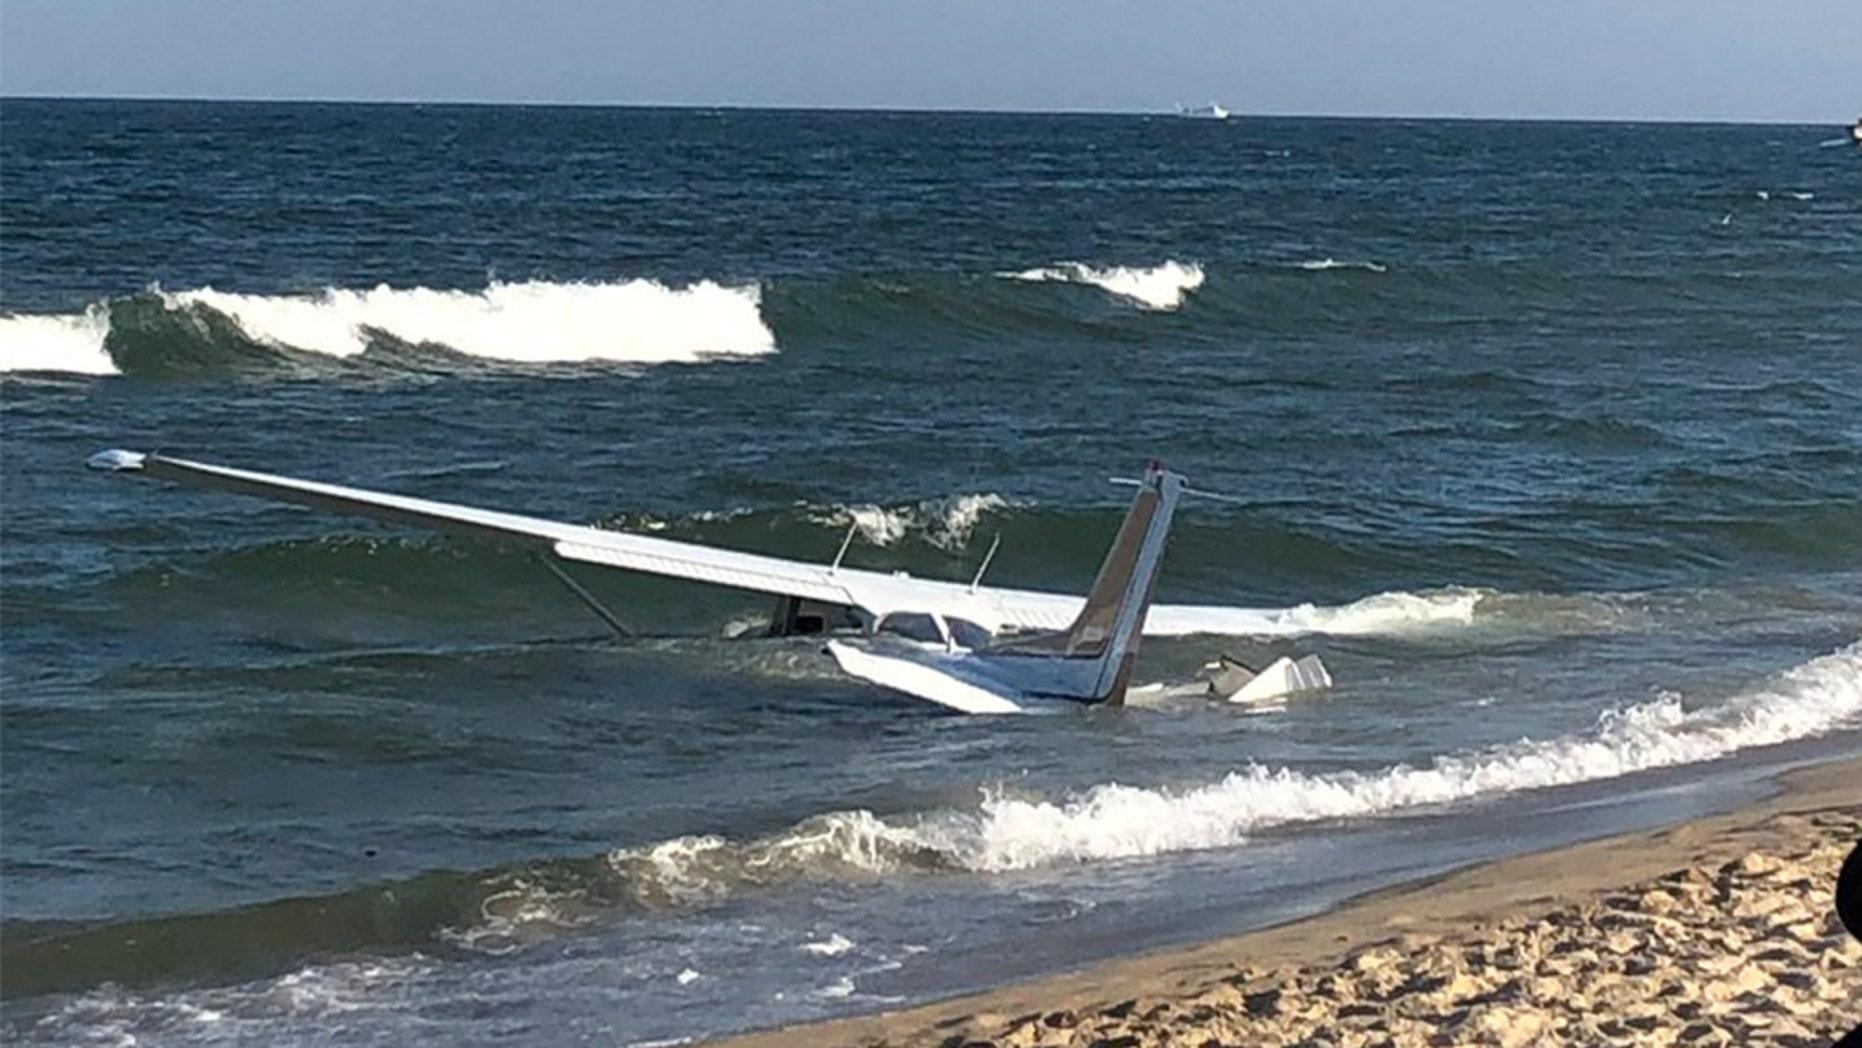 Water-Landing-@a_k_a_alexis.jpg?ve=1&tl=